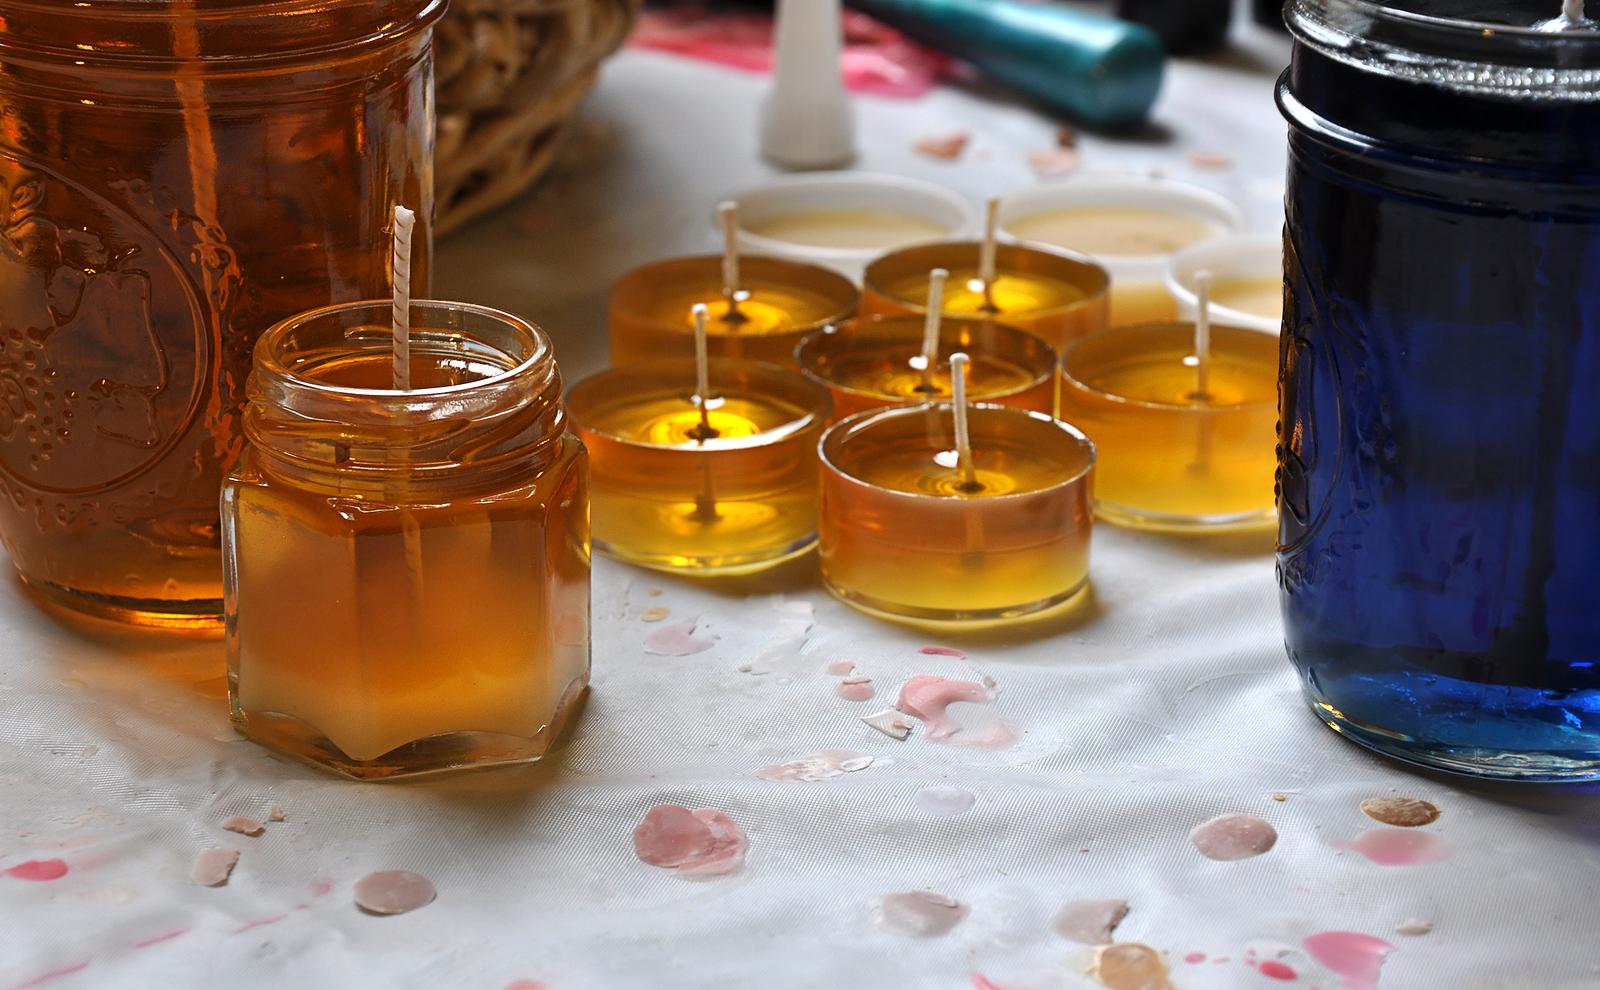 zelfgemaakte kaarsen en waxinelichtjes van gesmolten kaarsvet